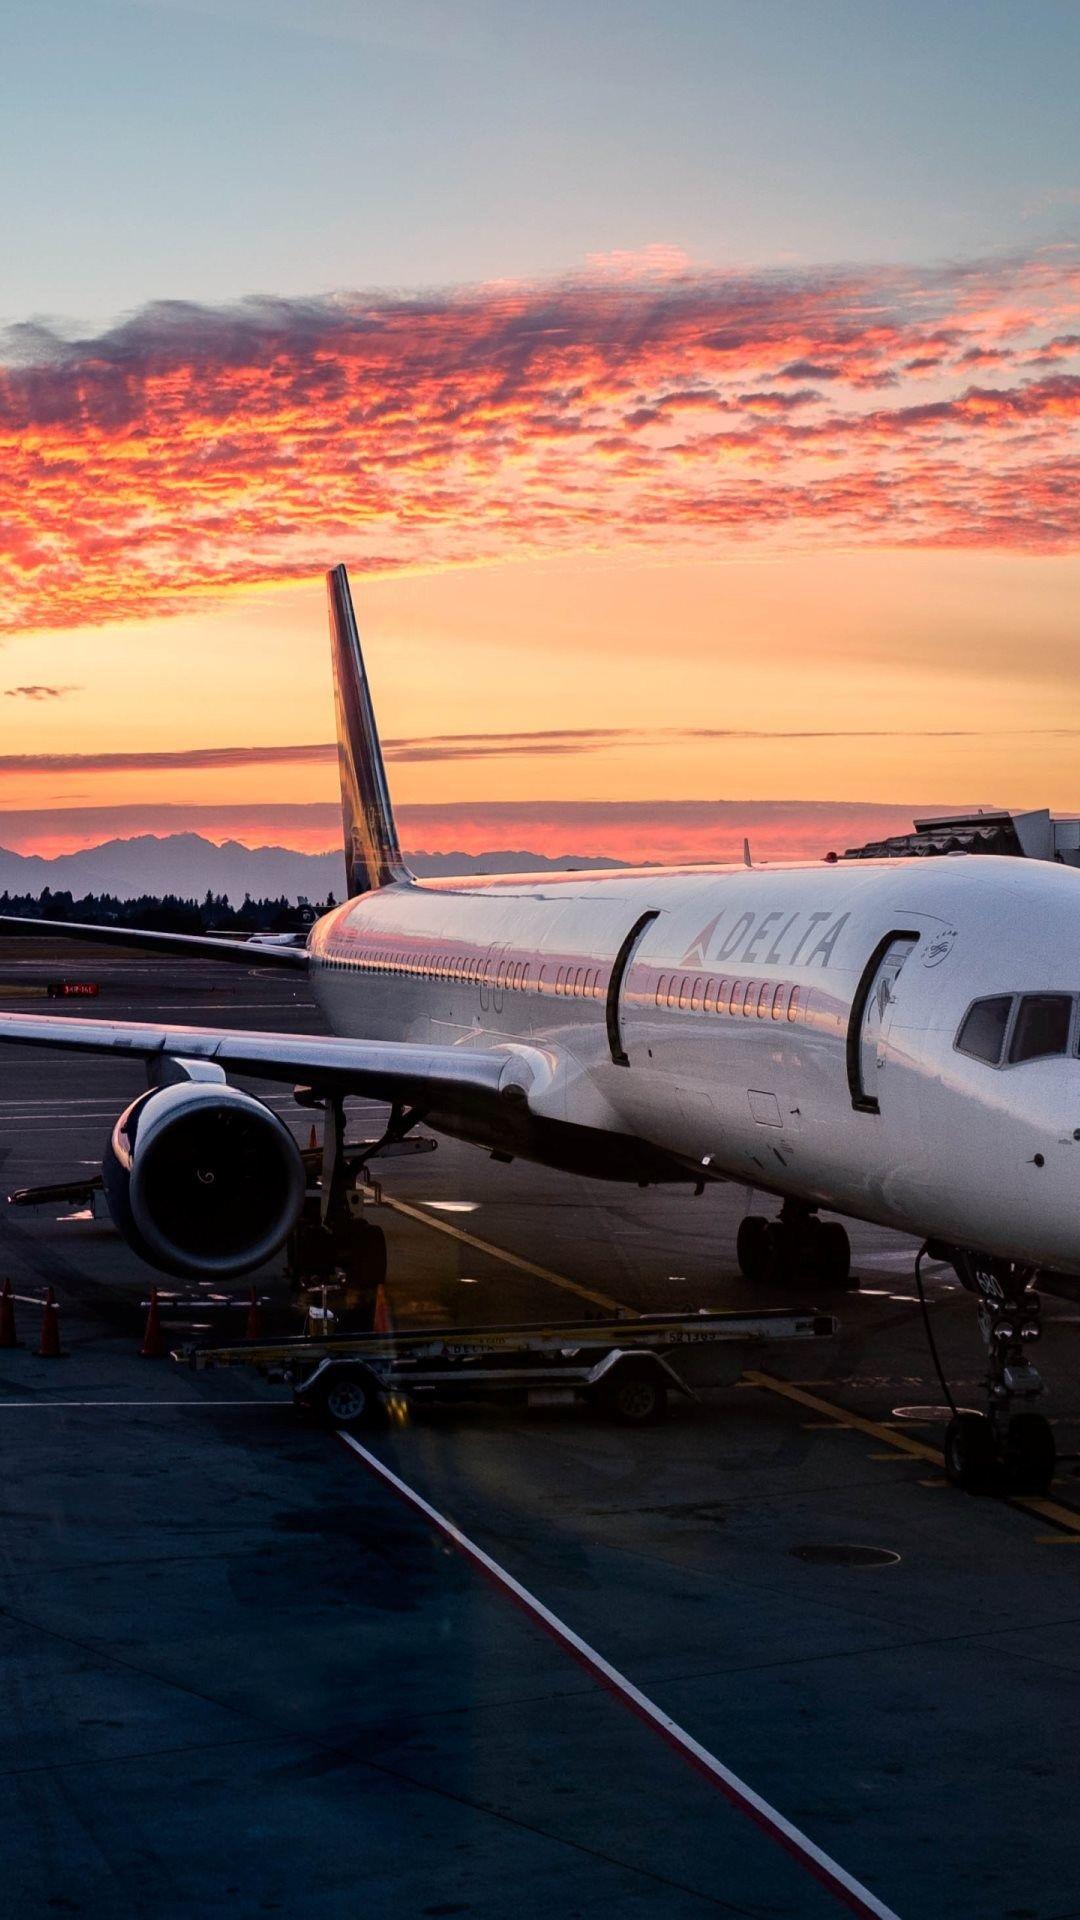 hd airplane iphone wallpaper Günbatımları, Havacılık